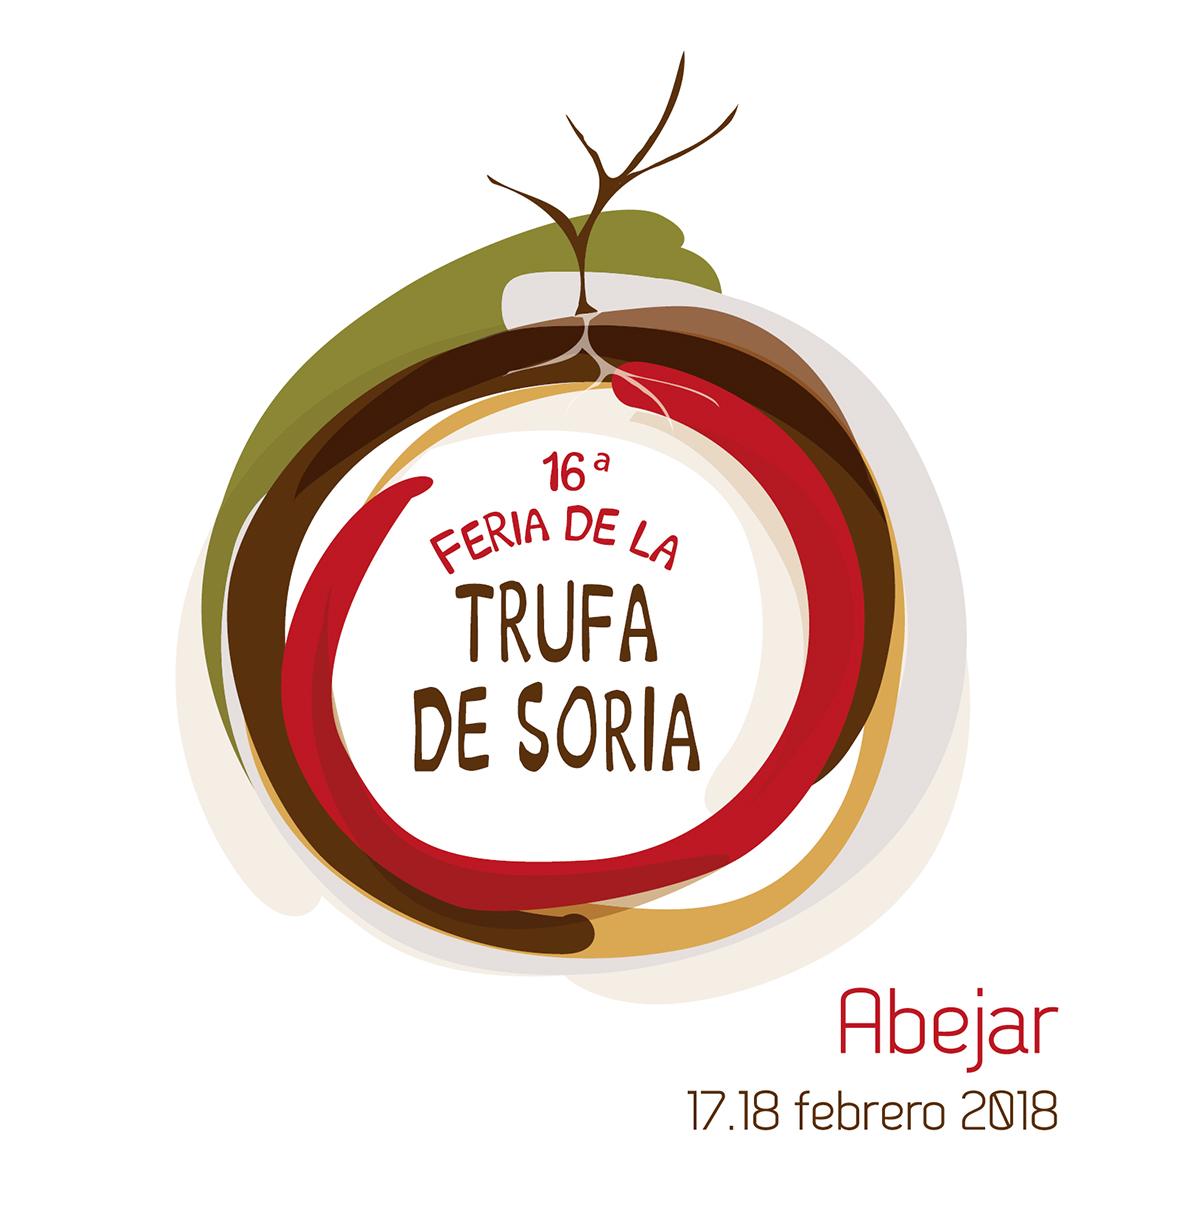 Logotipo Feria de Abejar_2018